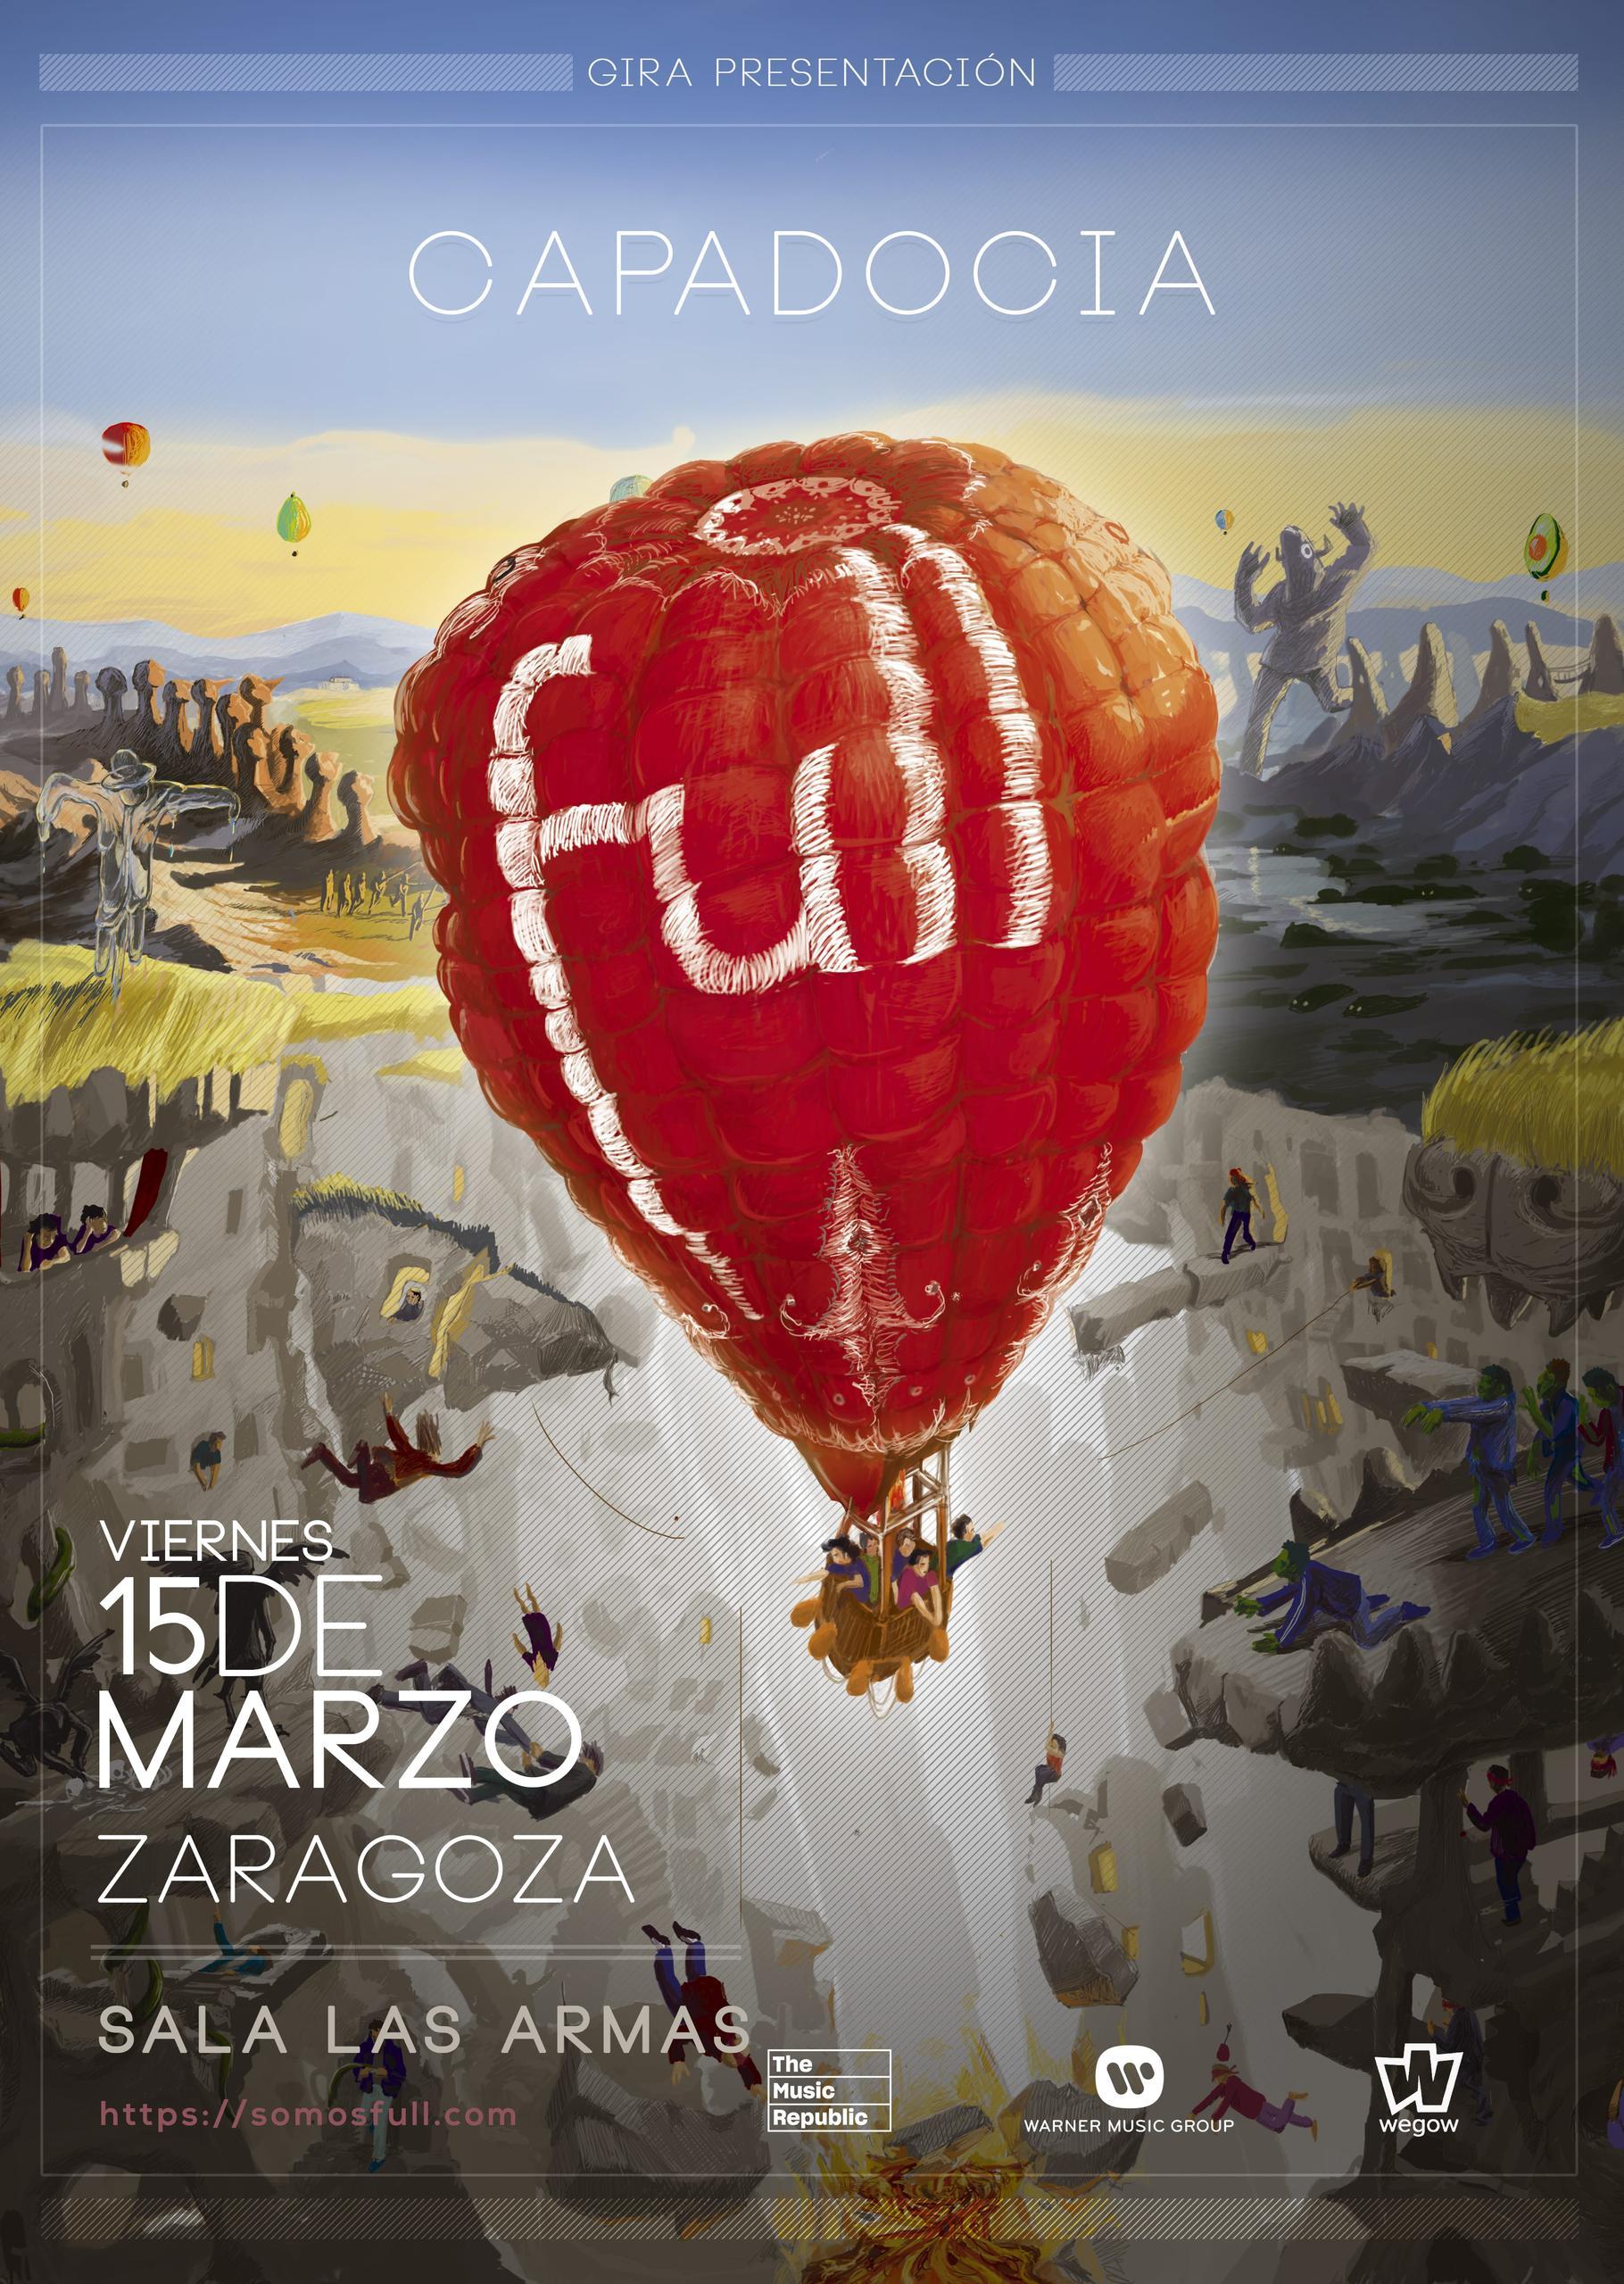 Concierto de Full en Zaragoza